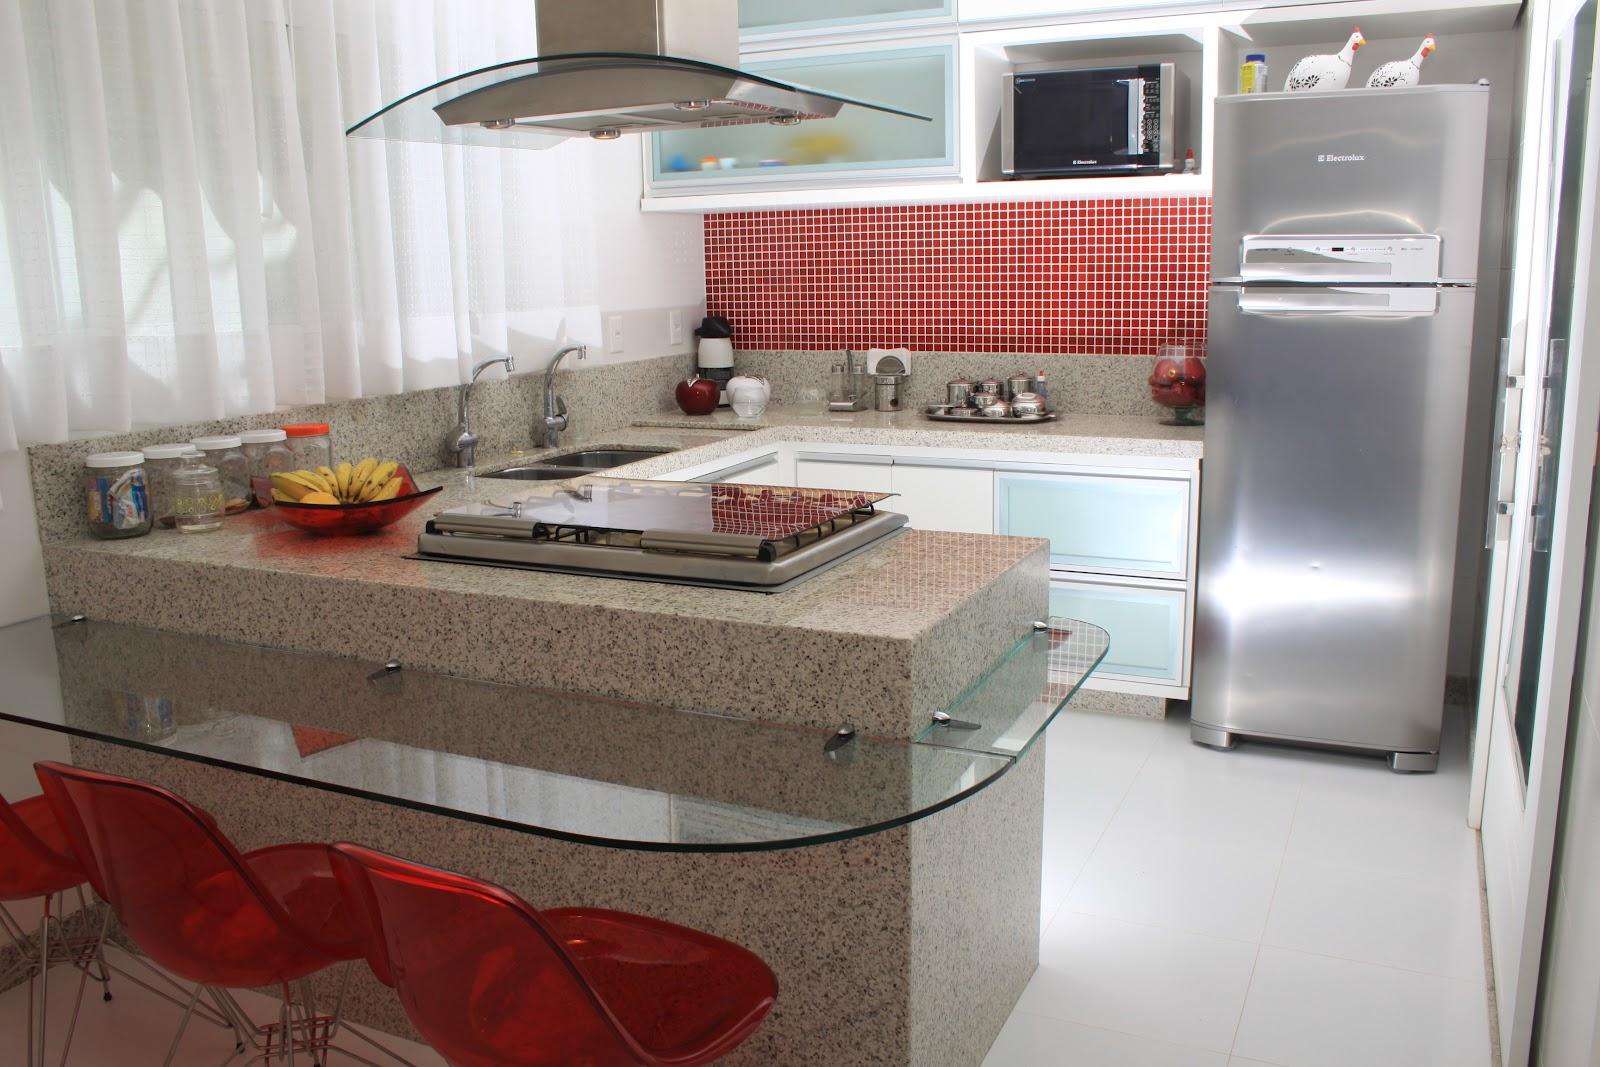 Ideias da Bê!: ARQ: Projeto de uma casa em Piúma beach #924D39 1600 1067